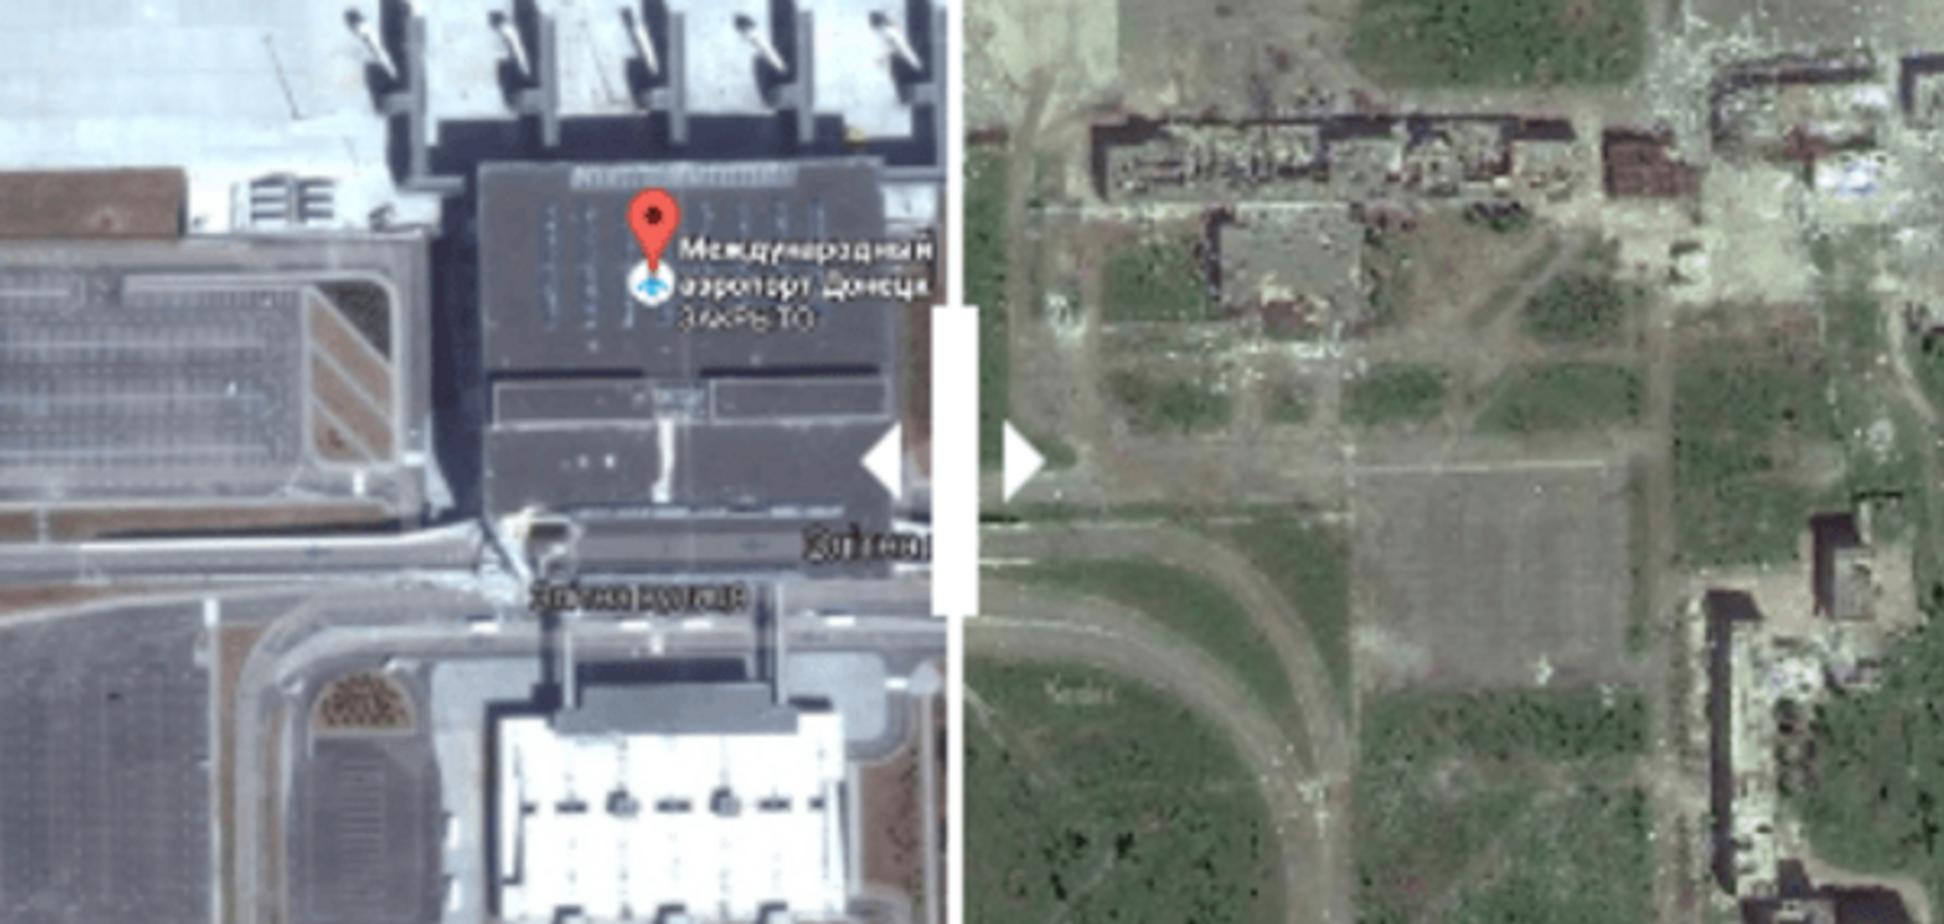 У мережі показали донецький аеропорт з супутника до і після обстрілів: опубліковані фото